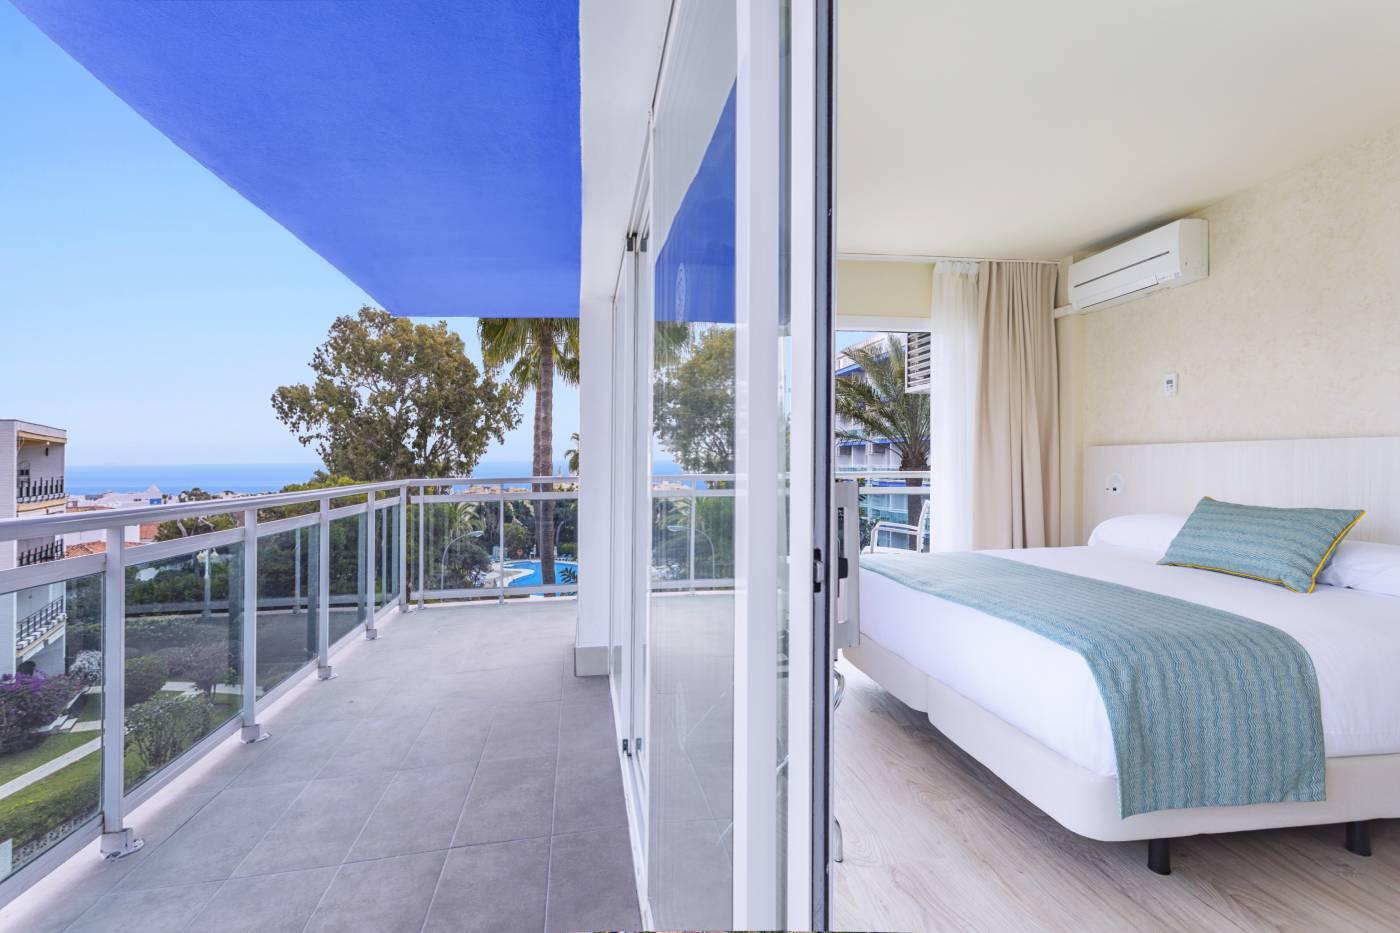 Habitación doble Superior Hotel Palmasol vista Mar